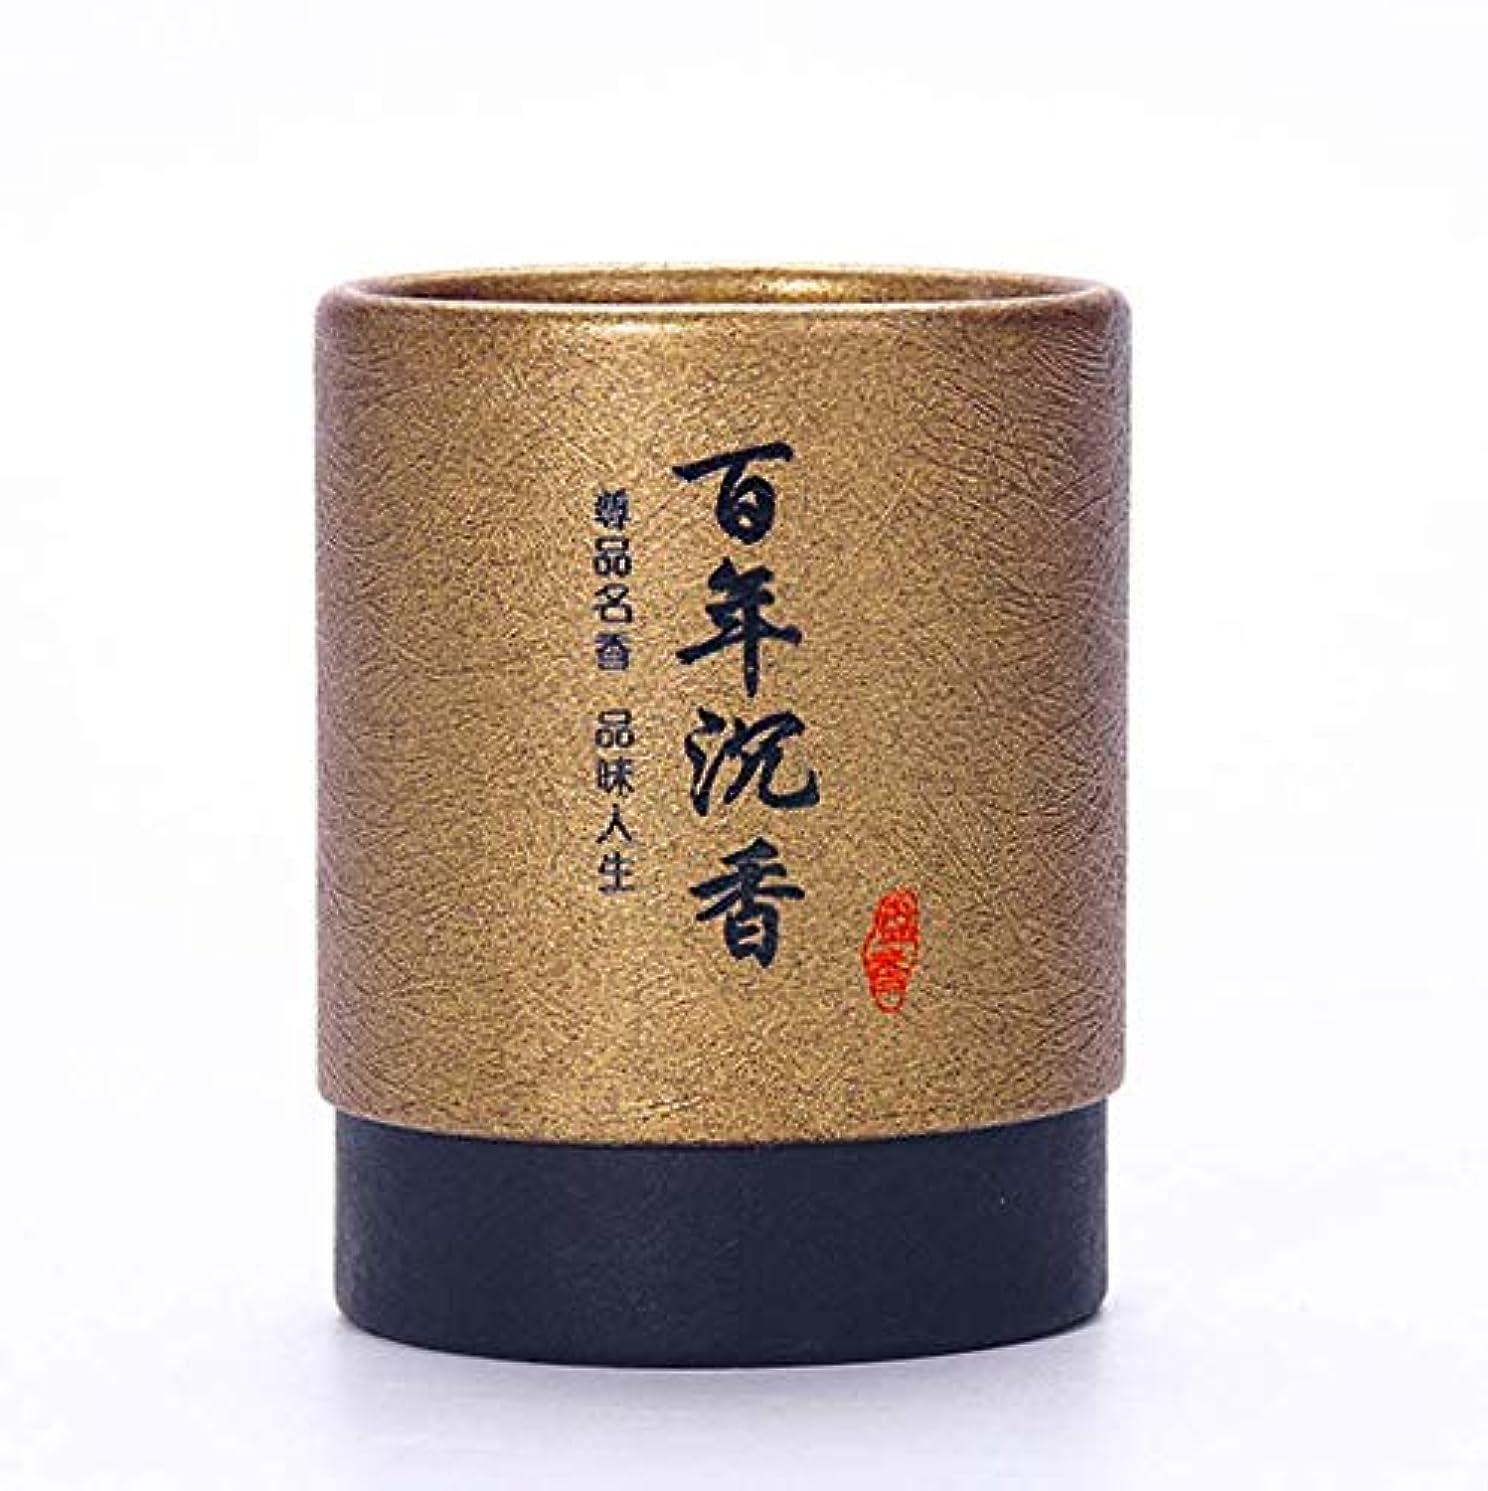 マガジン住む豆HwaGui お香 2時間 盤香 渦巻き線香 優しい香り 48巻入 沉香(百年沈香)